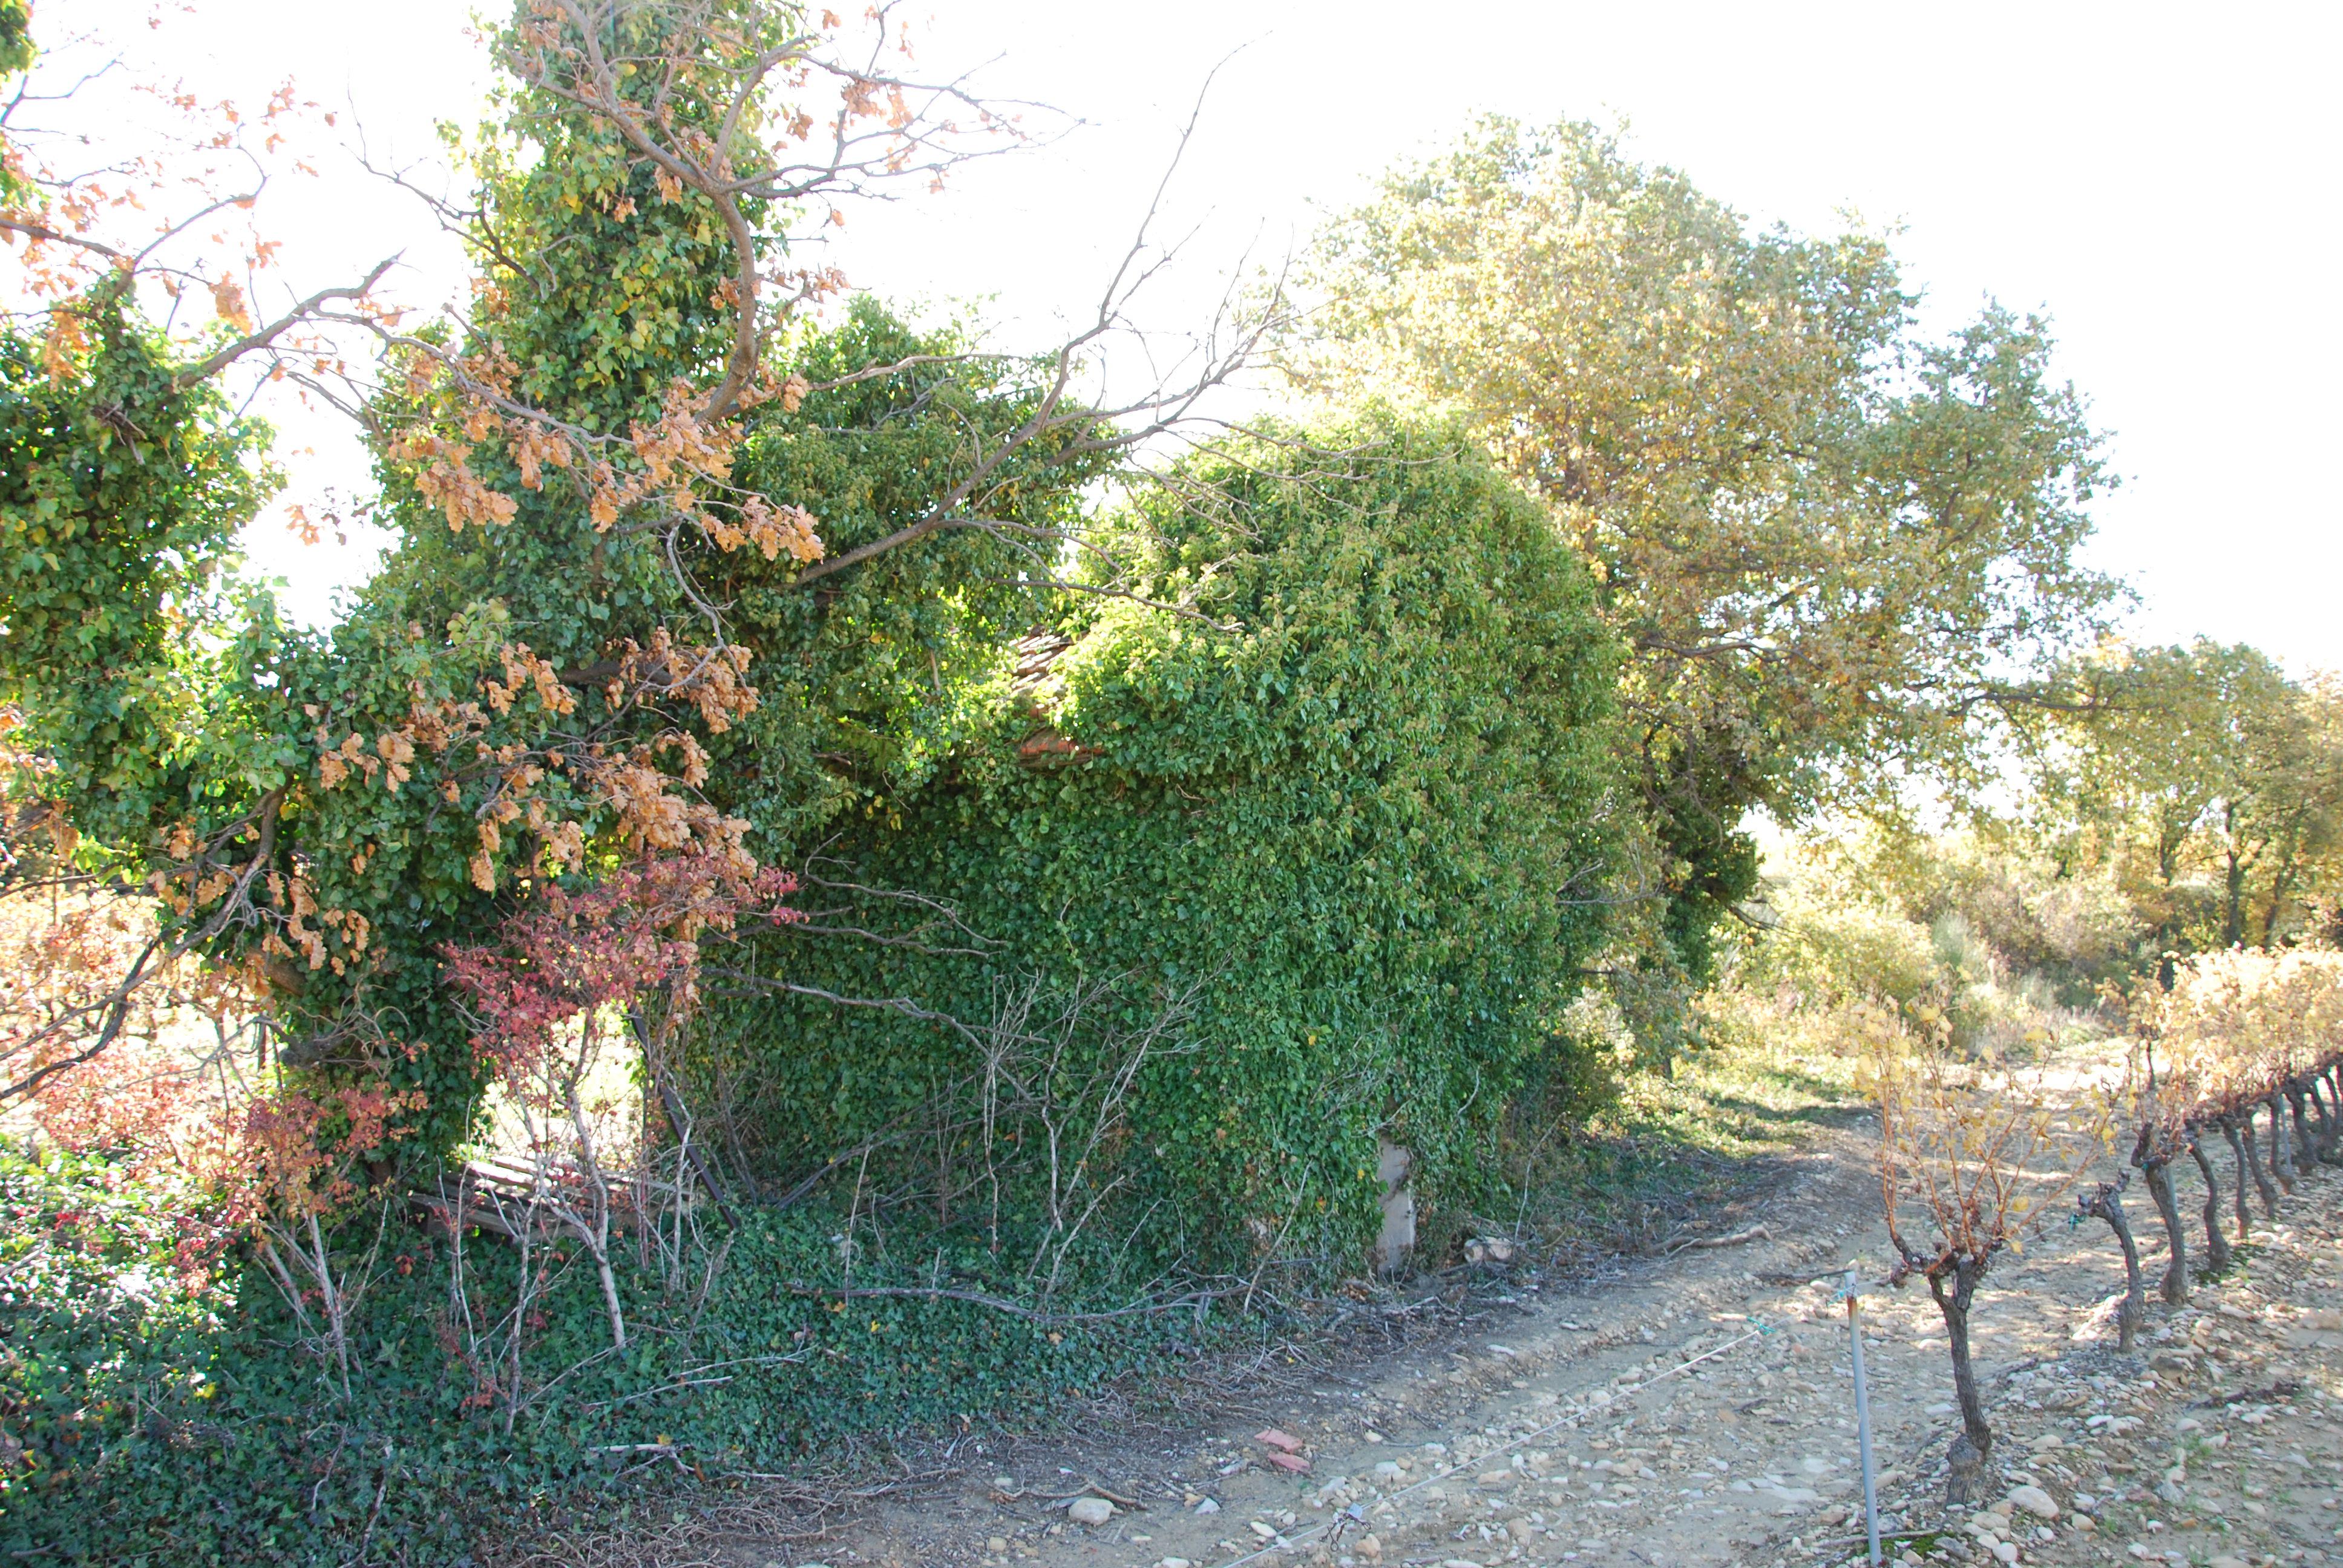 Vue du cabanon au bord du chemin - novembre 2014